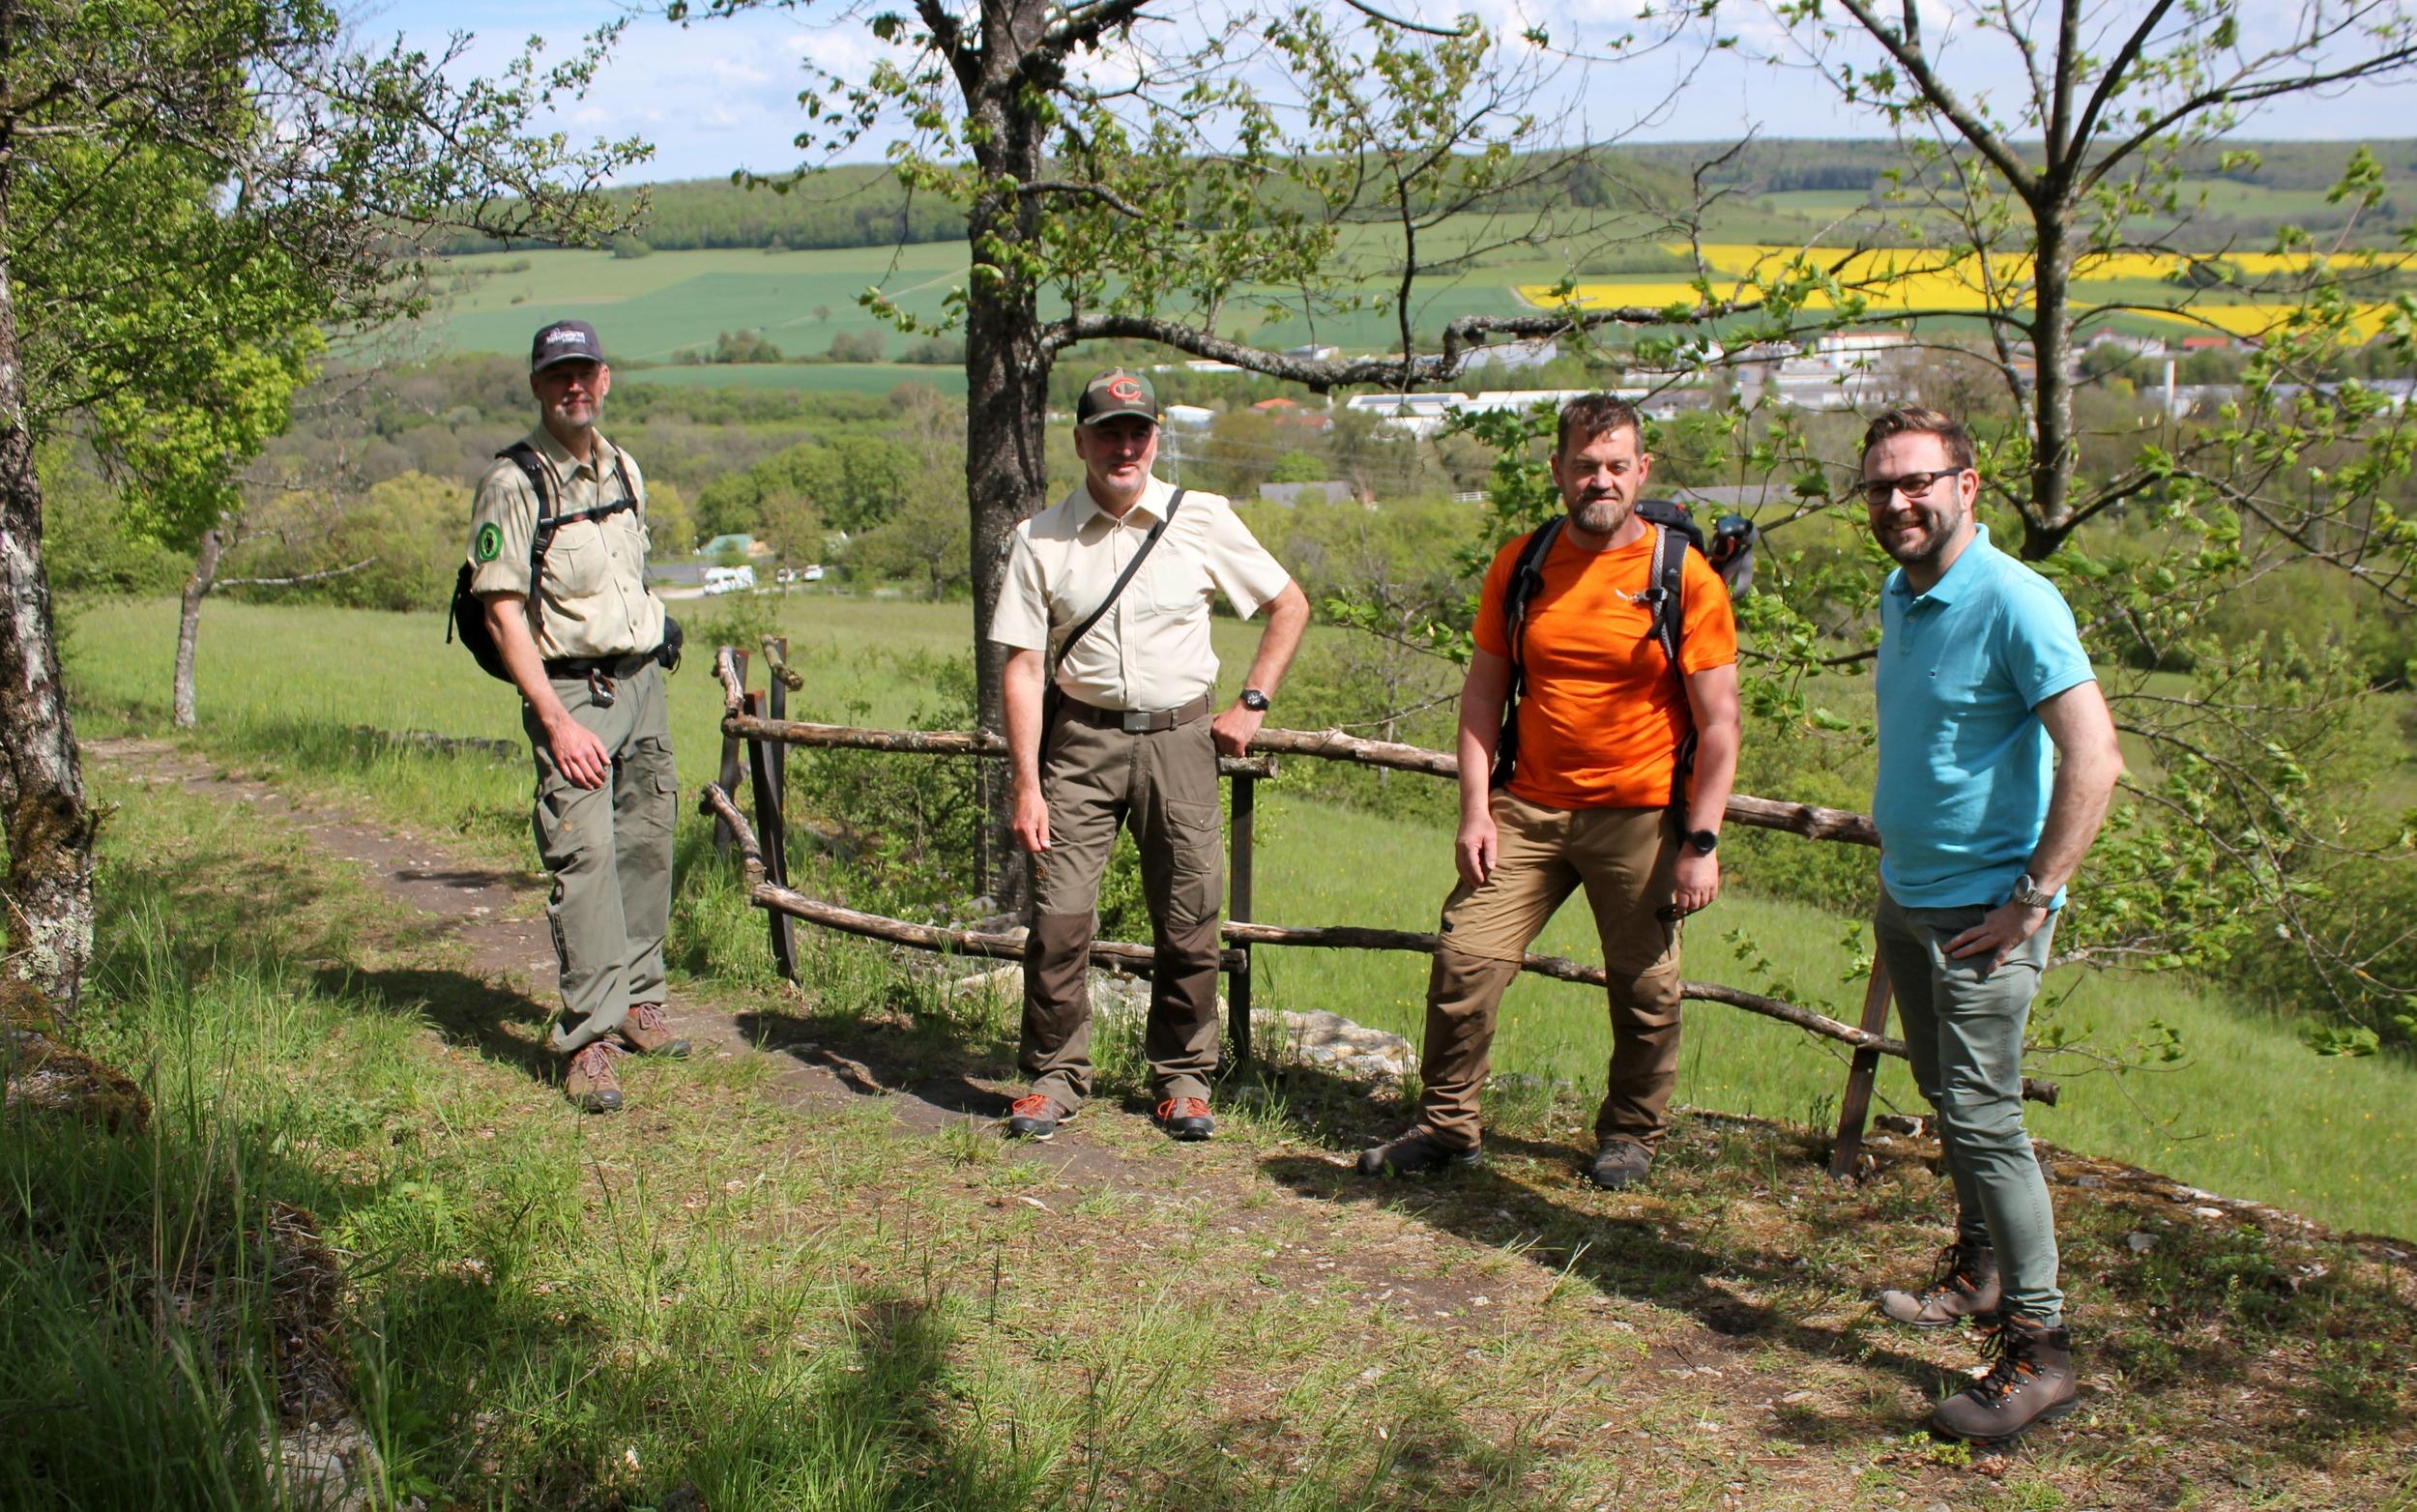 Gersheim_Orchideengebiet_Naturwacht_GruetzFrank_RebmannChristian_FrenzelHolger_ClivotMIchael